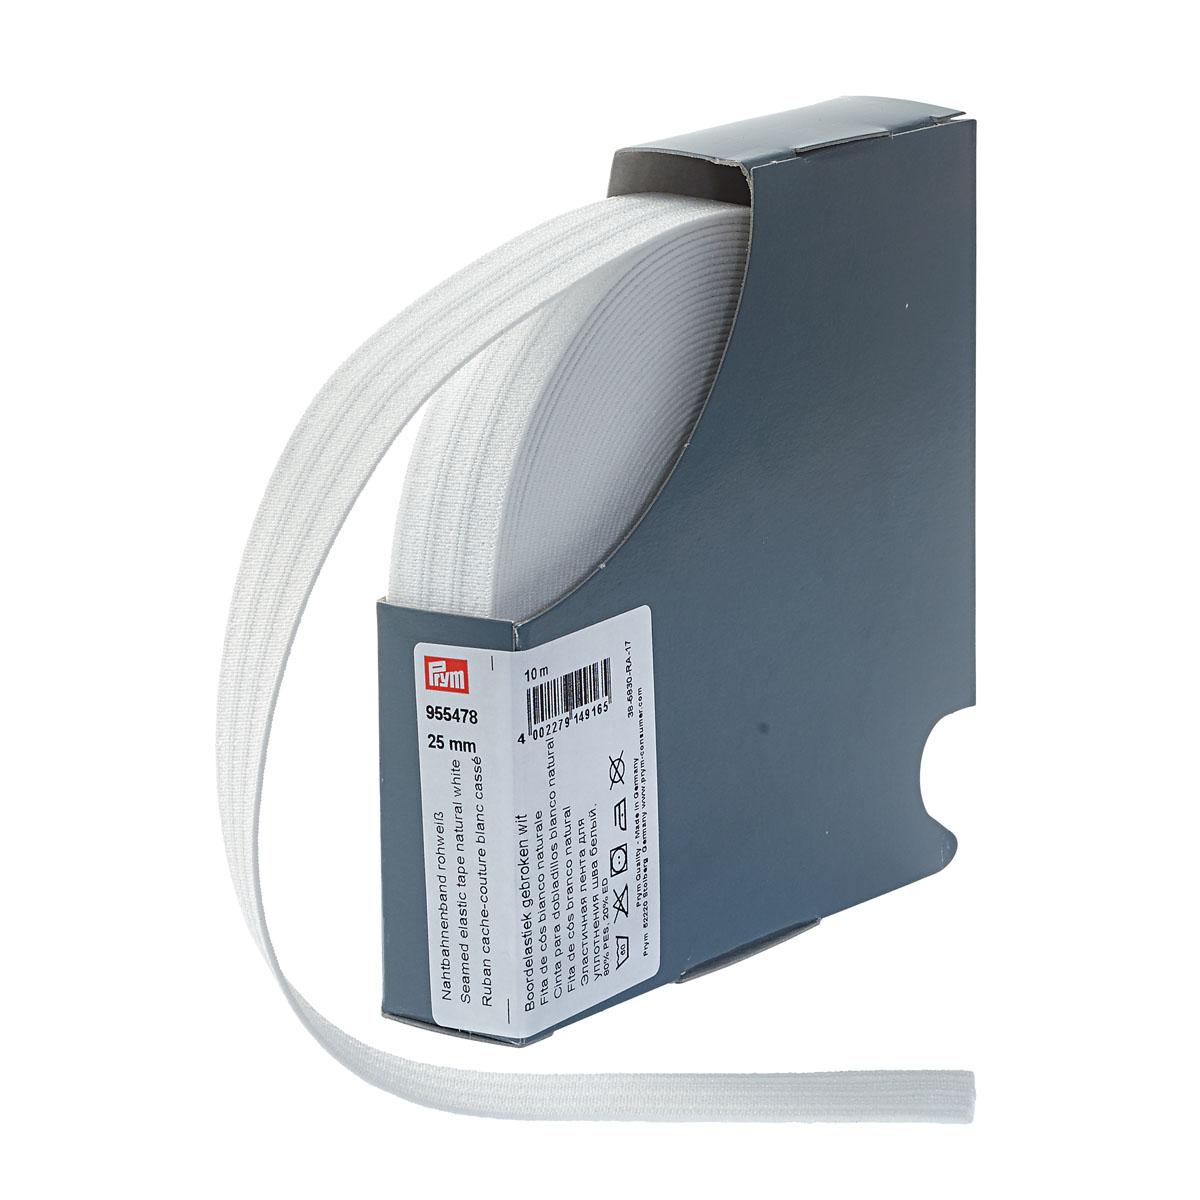 955478 Эластичная лента для уплотнения шва 25 мм белый, натуральный цв. Prym